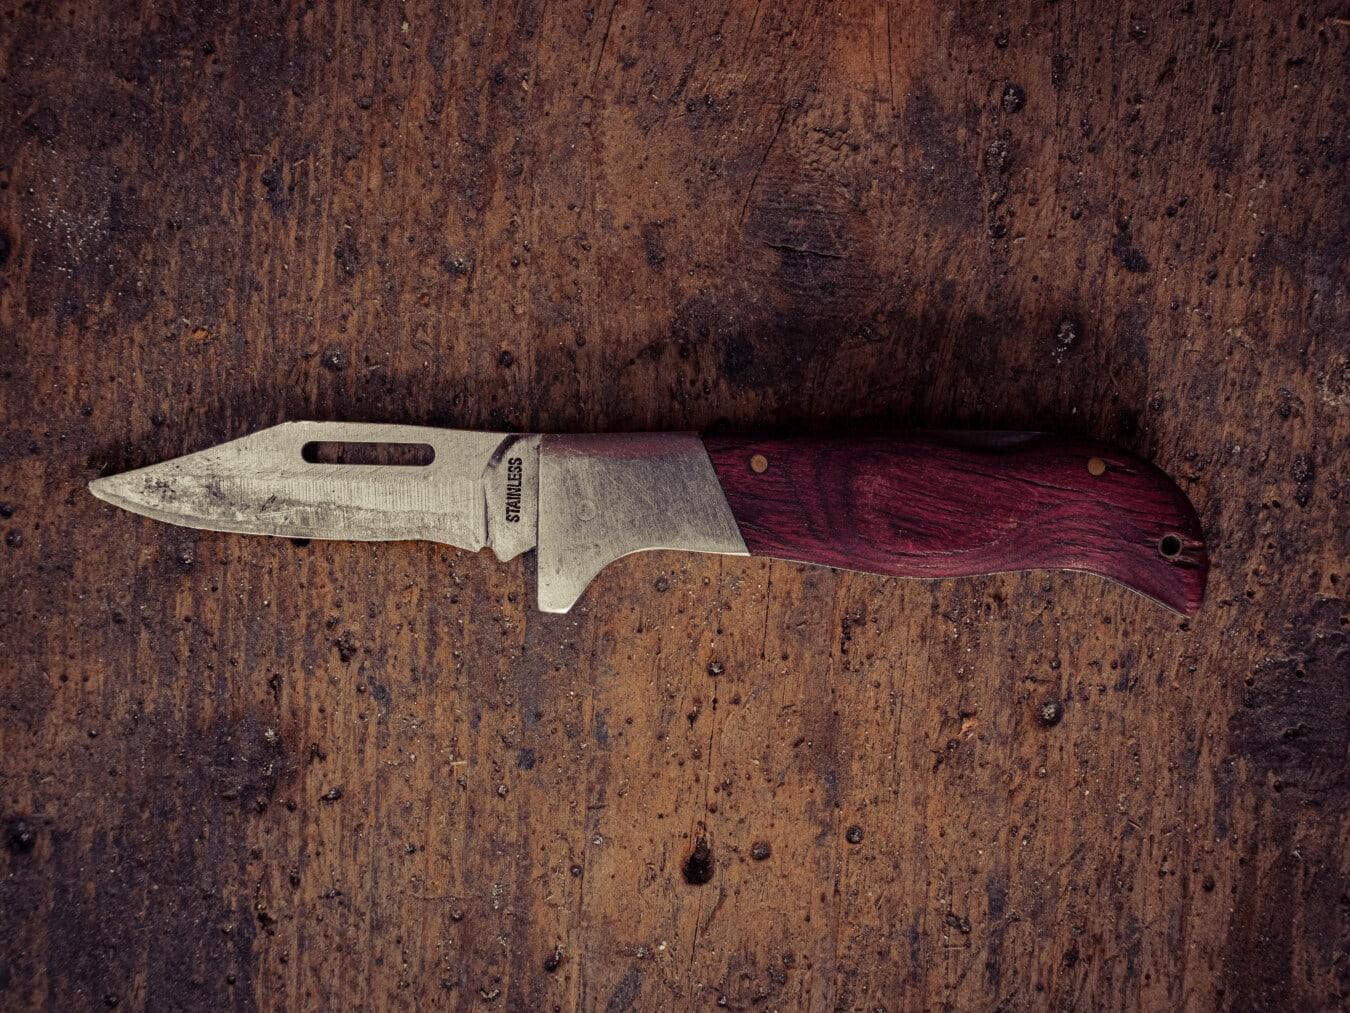 Edelstahl, scharfe, Messer, Klinge, Jahrgang, alten Stil, Plank, aus Holz, Textur, Eisen